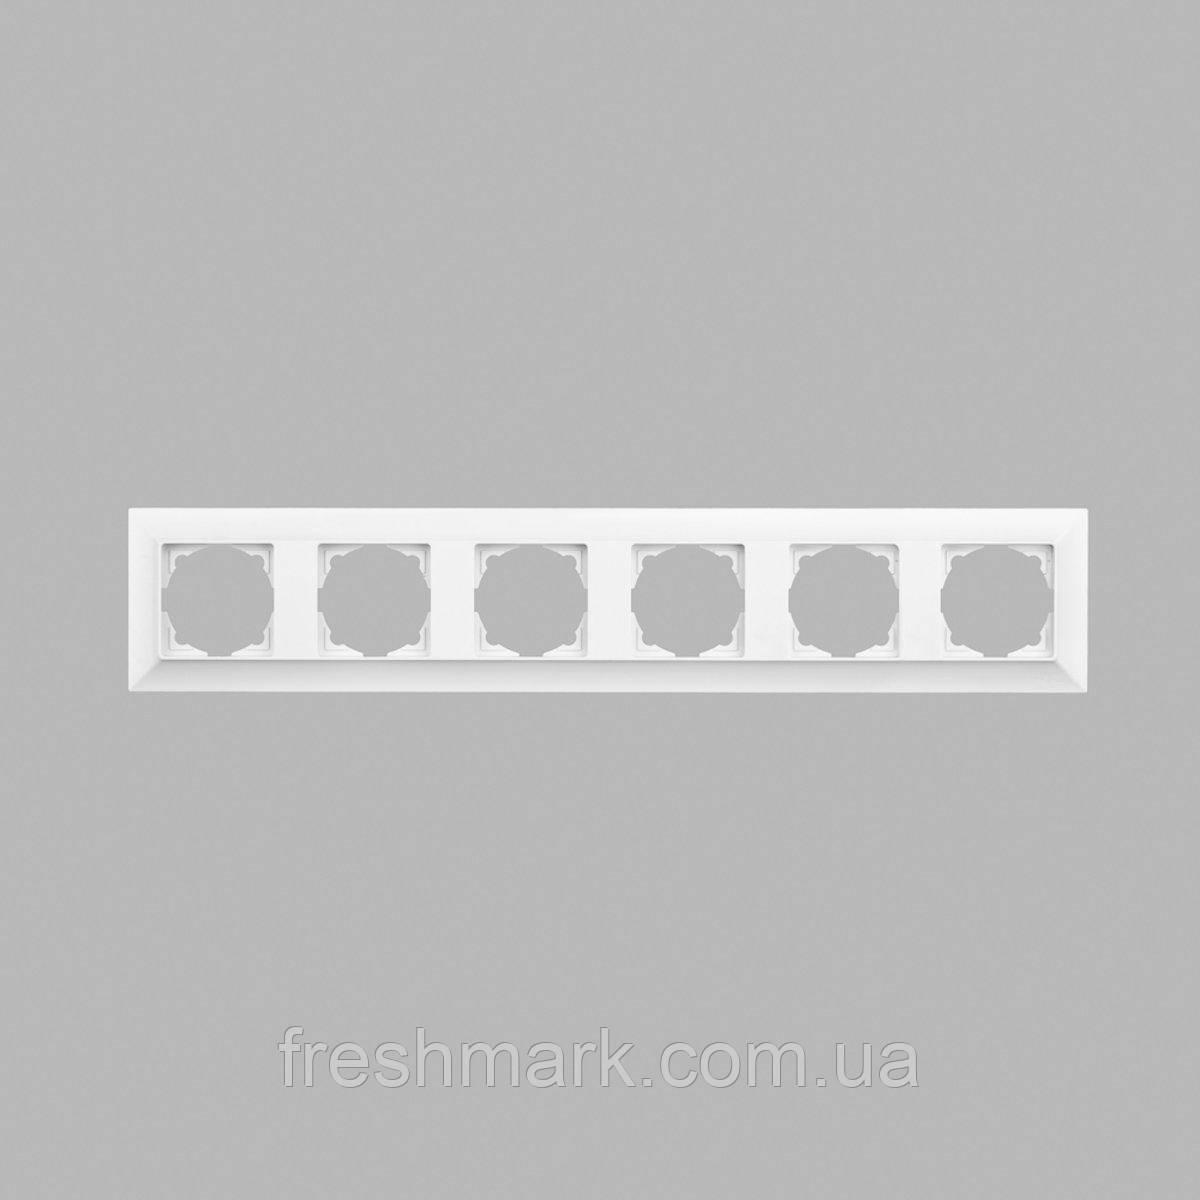 Рамка шестерная GUNSAN Neoline Белый